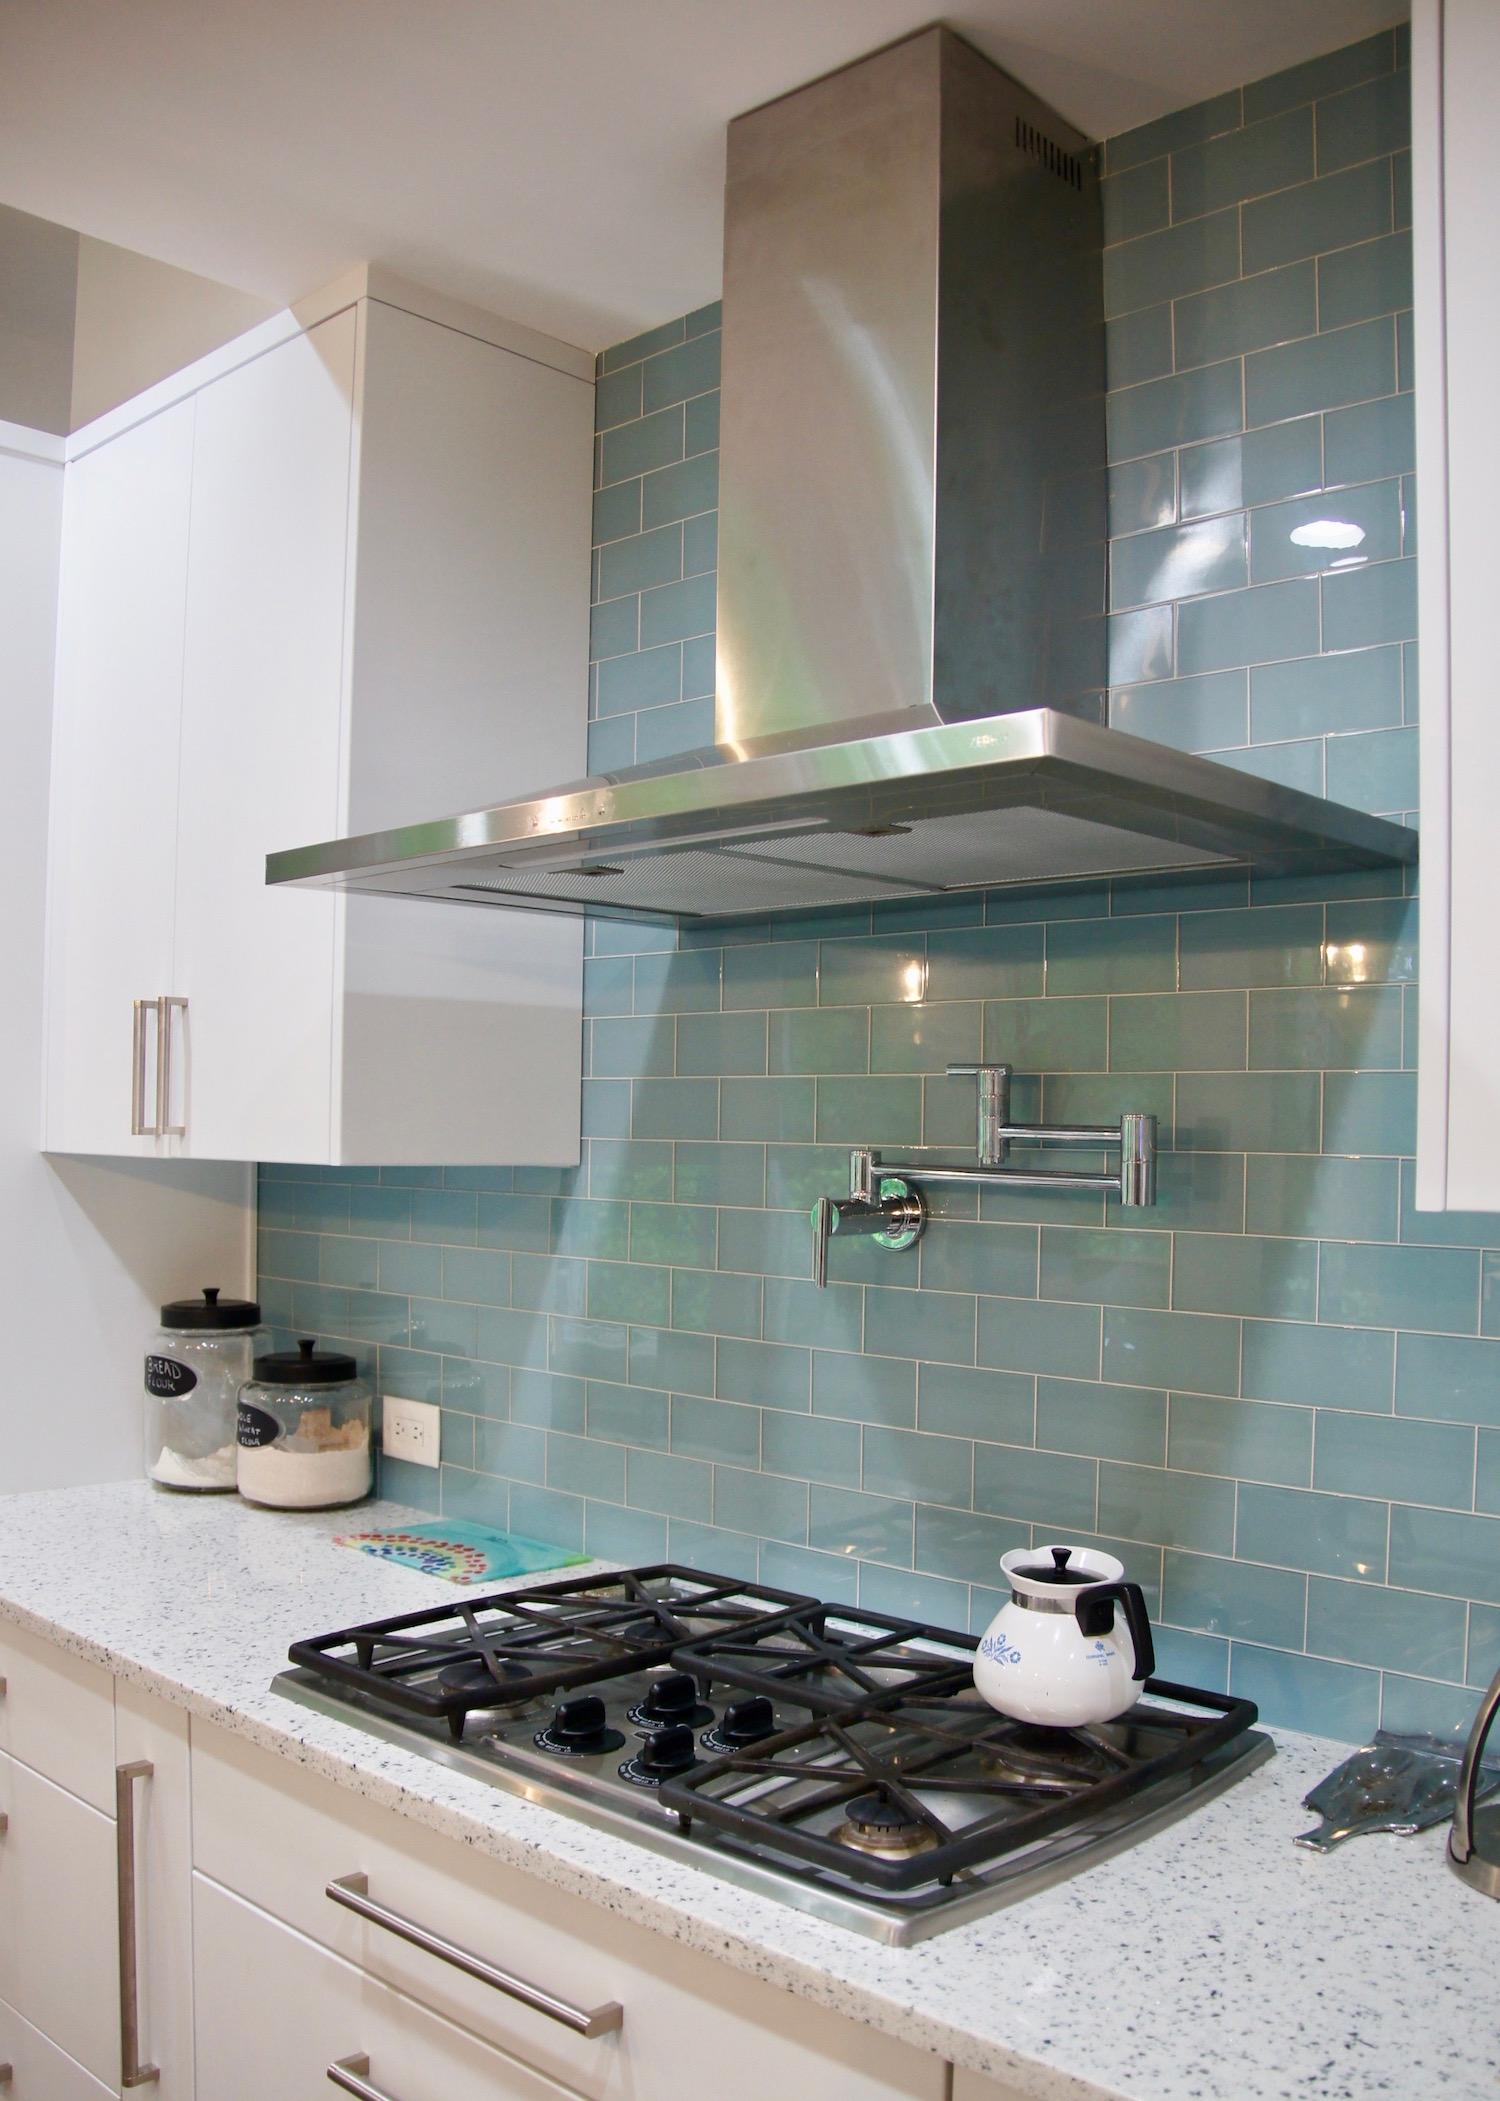 cooktop wall.jpg